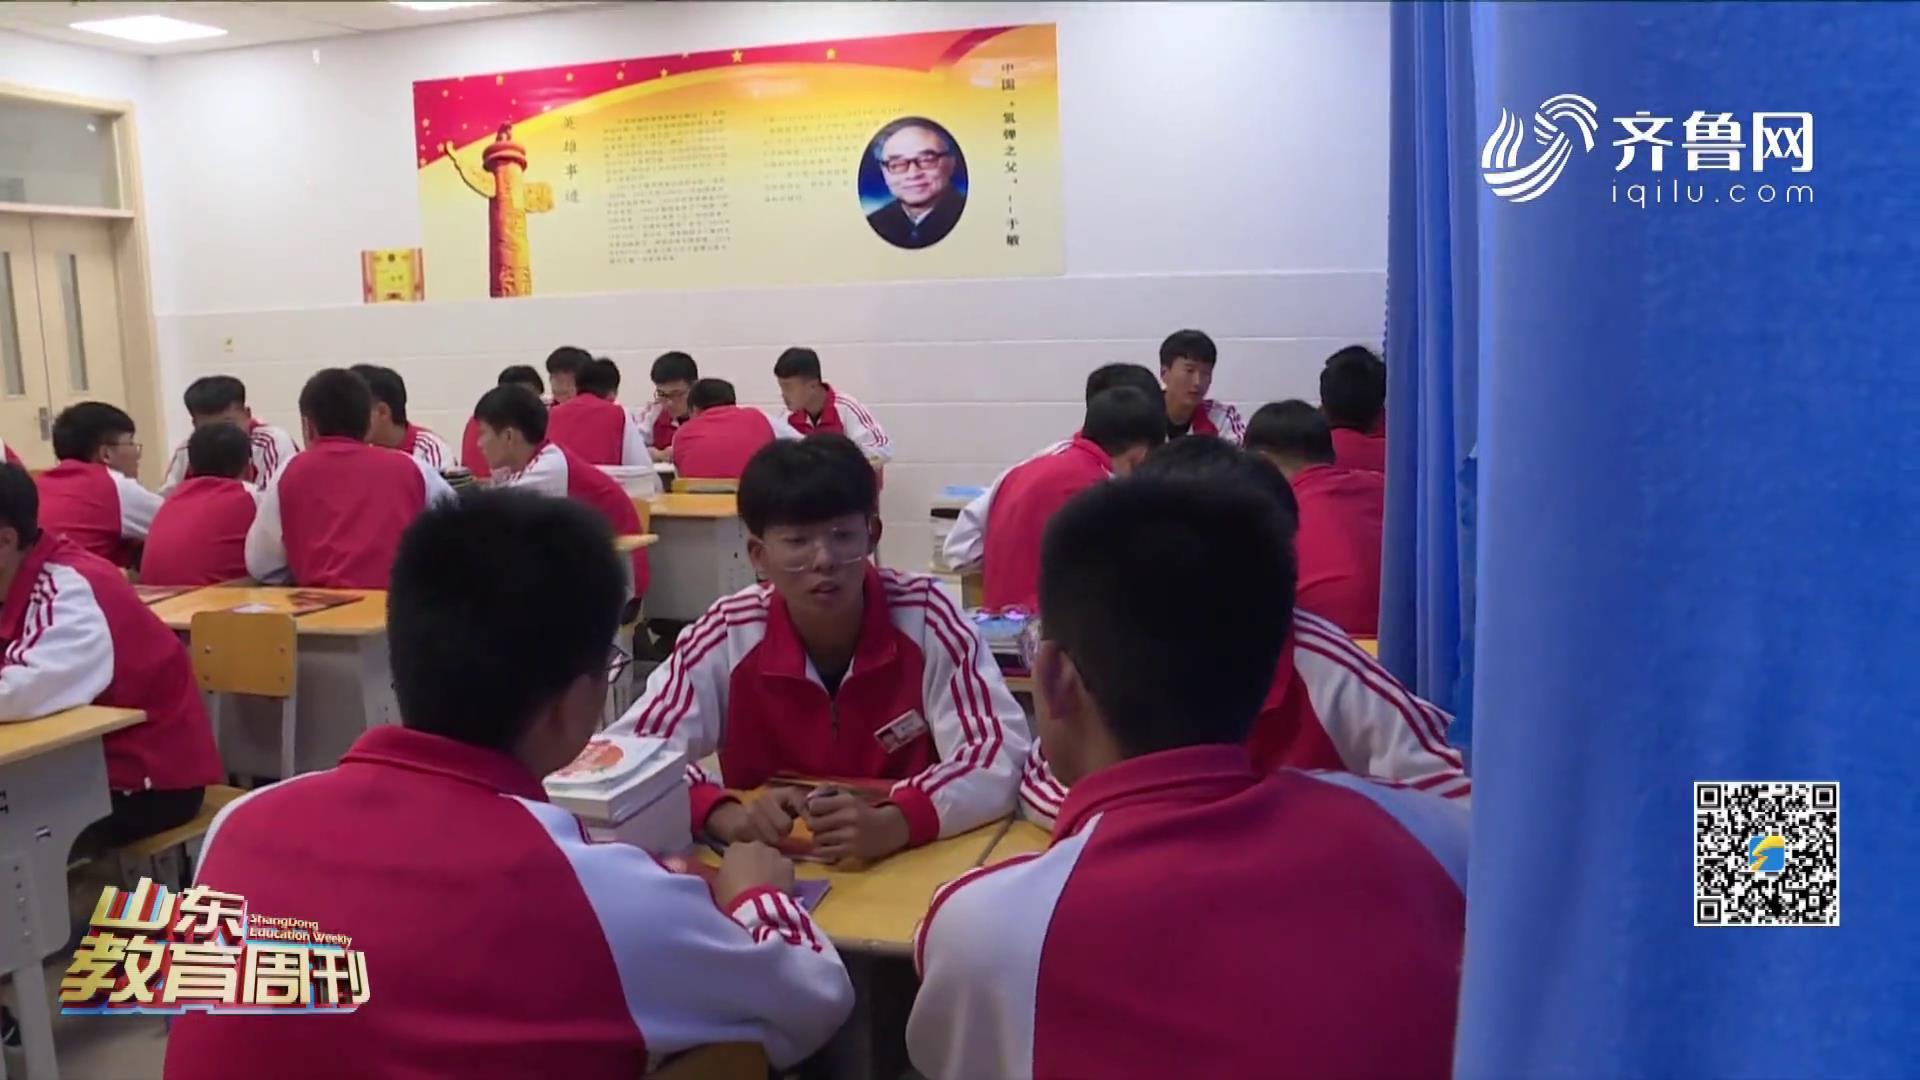 打造红色校园   培育时代新人《山东教育周刊》20201220播出